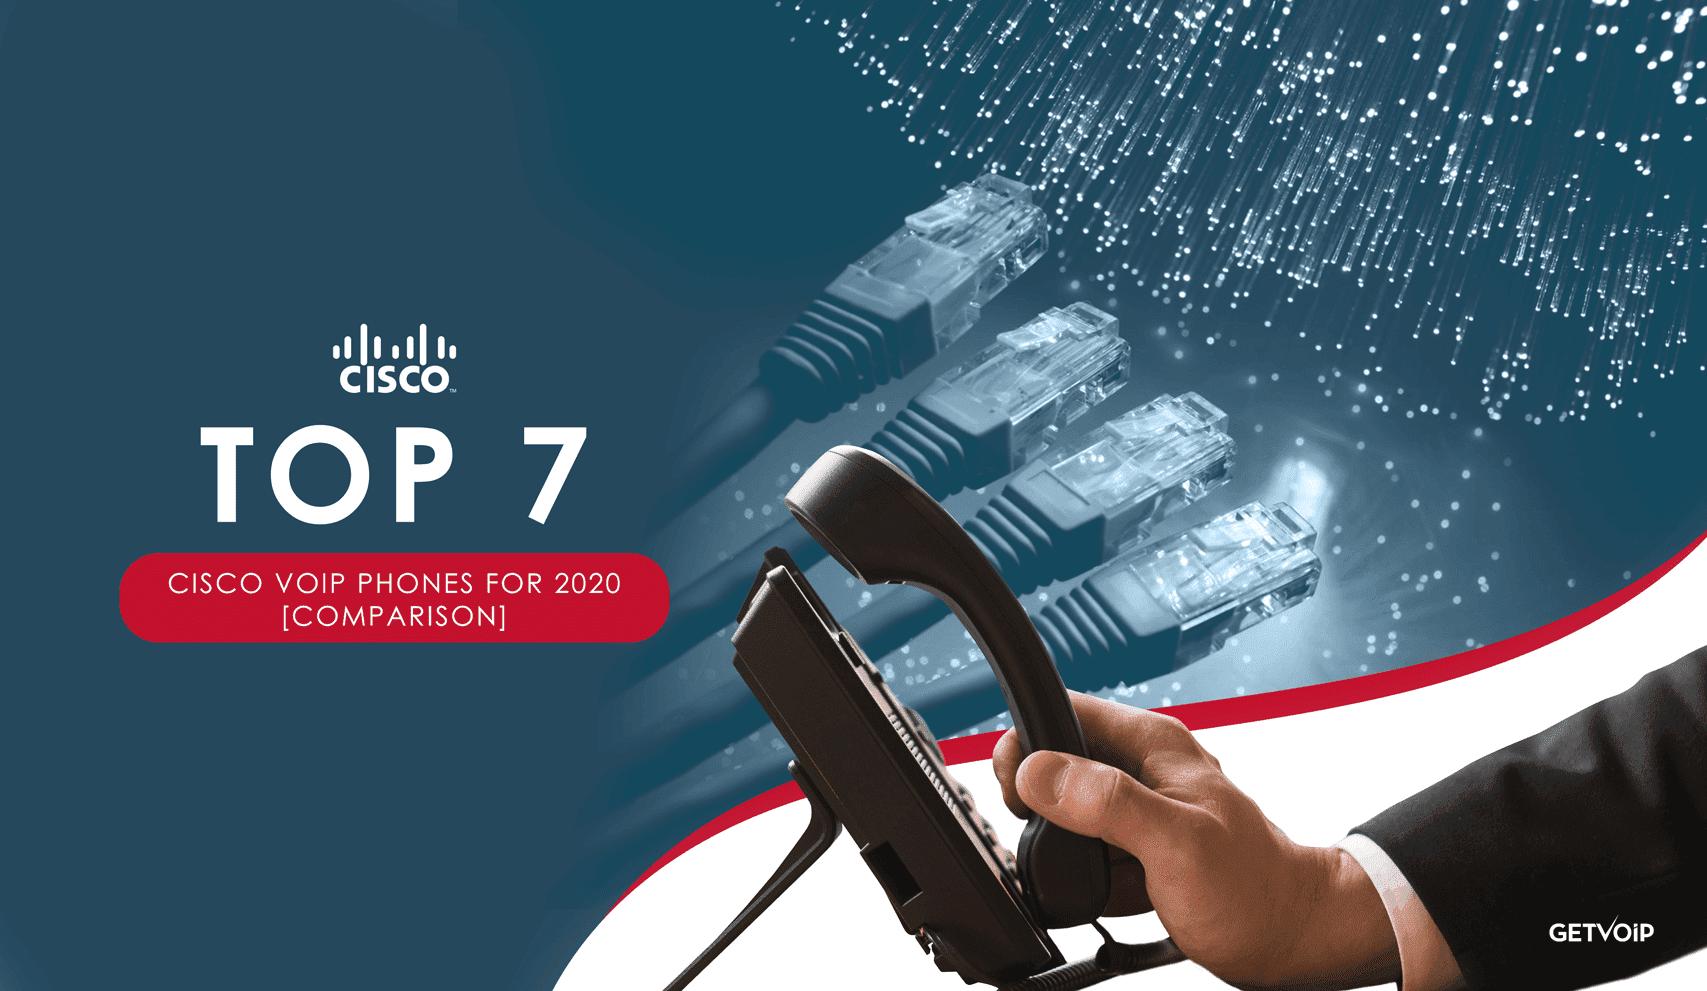 Top 7 Cisco VoIP Phones in 2020